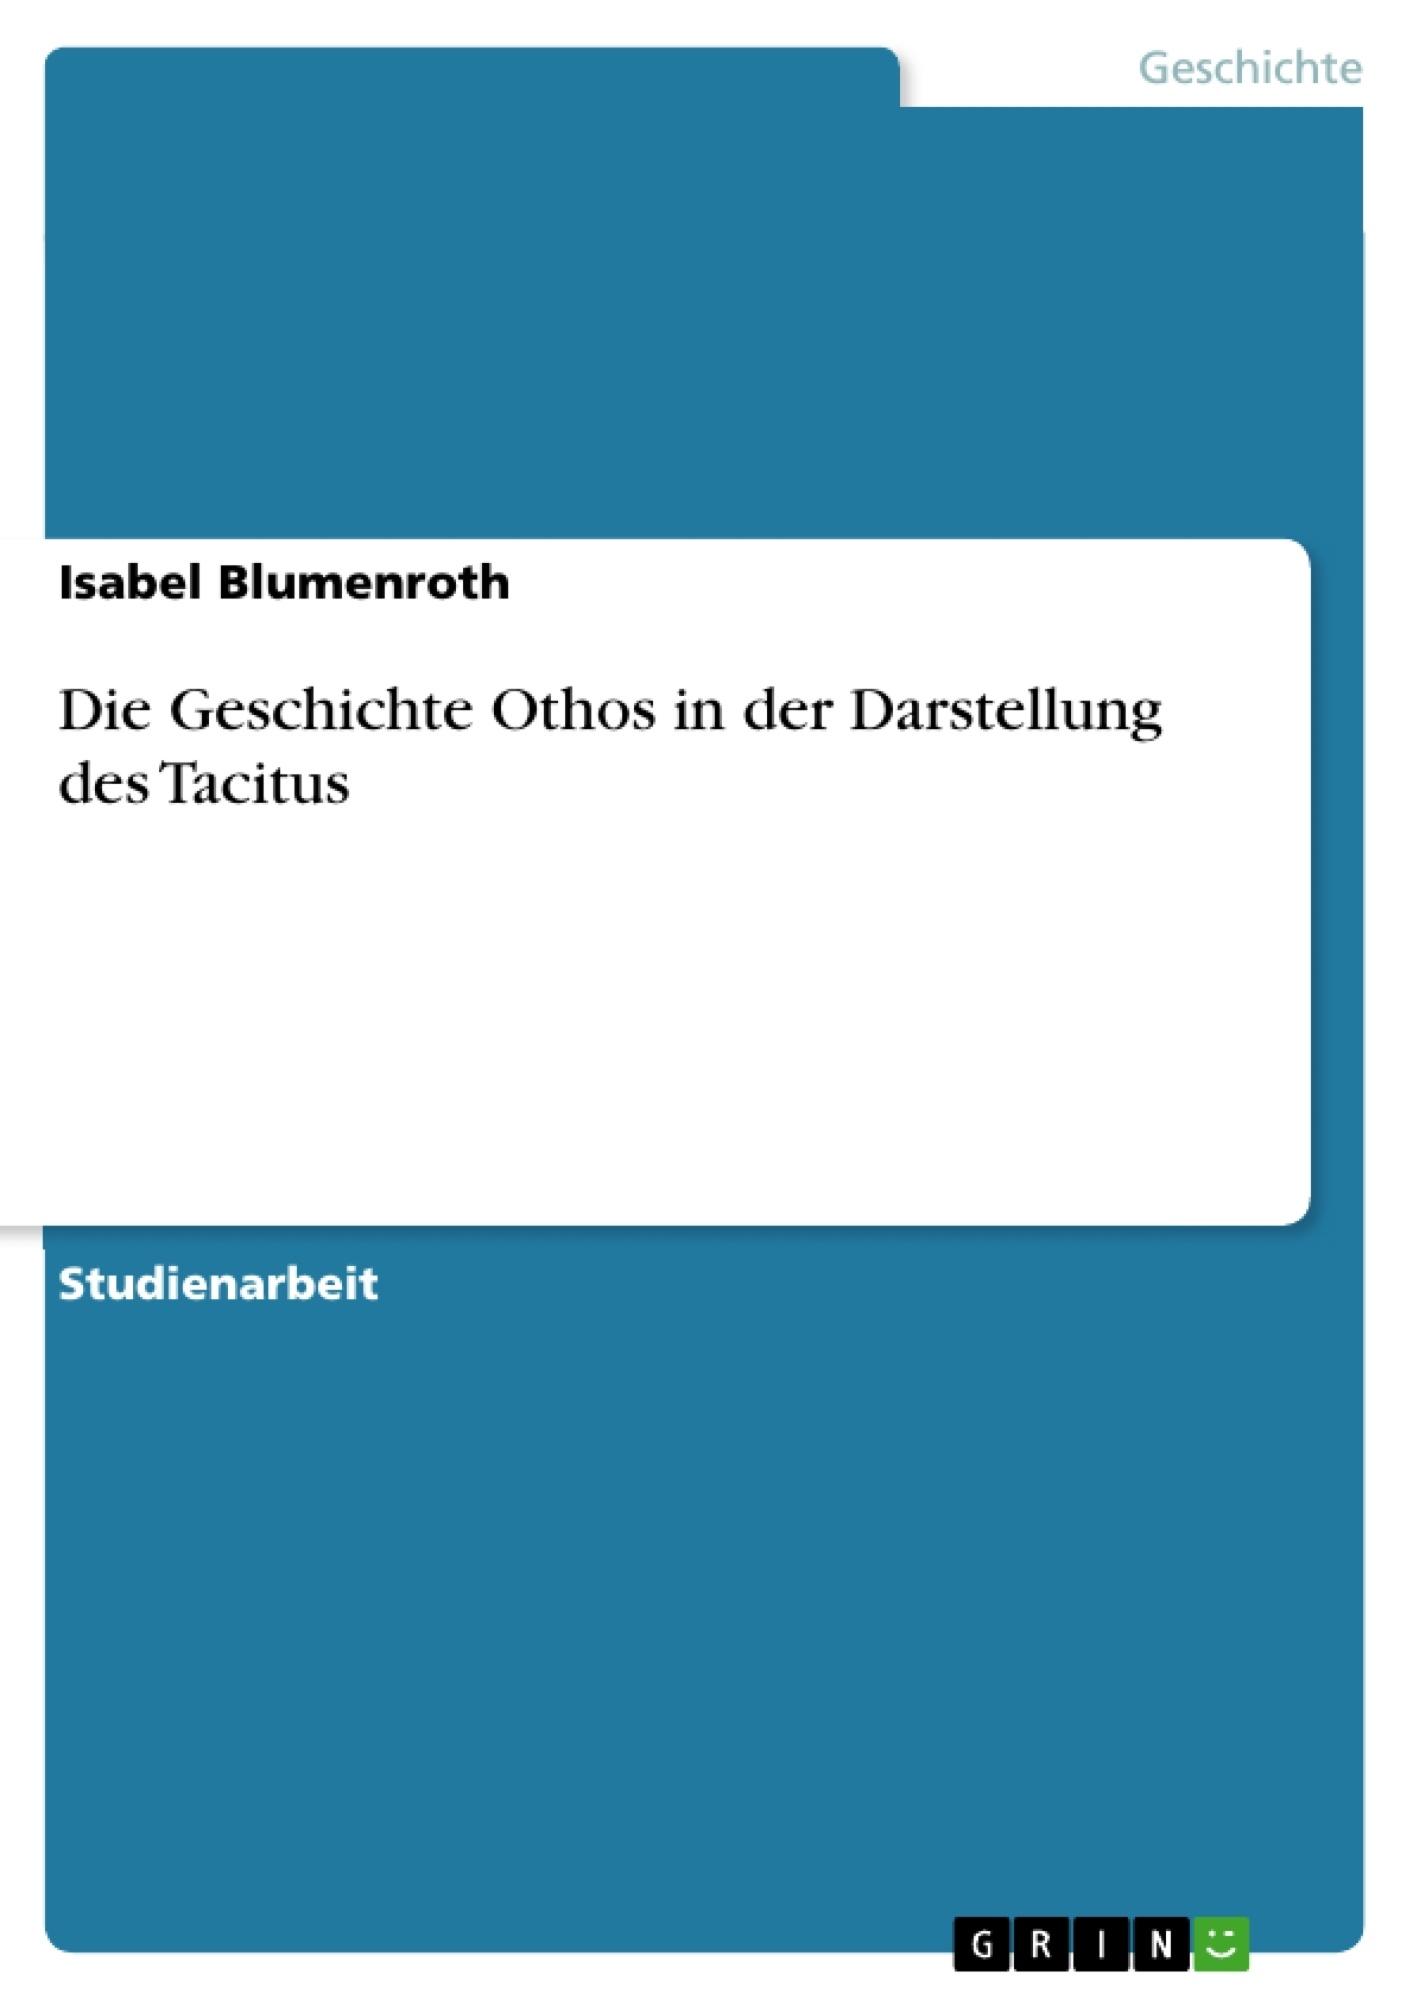 Titel: Die Geschichte Othos in der Darstellung des Tacitus